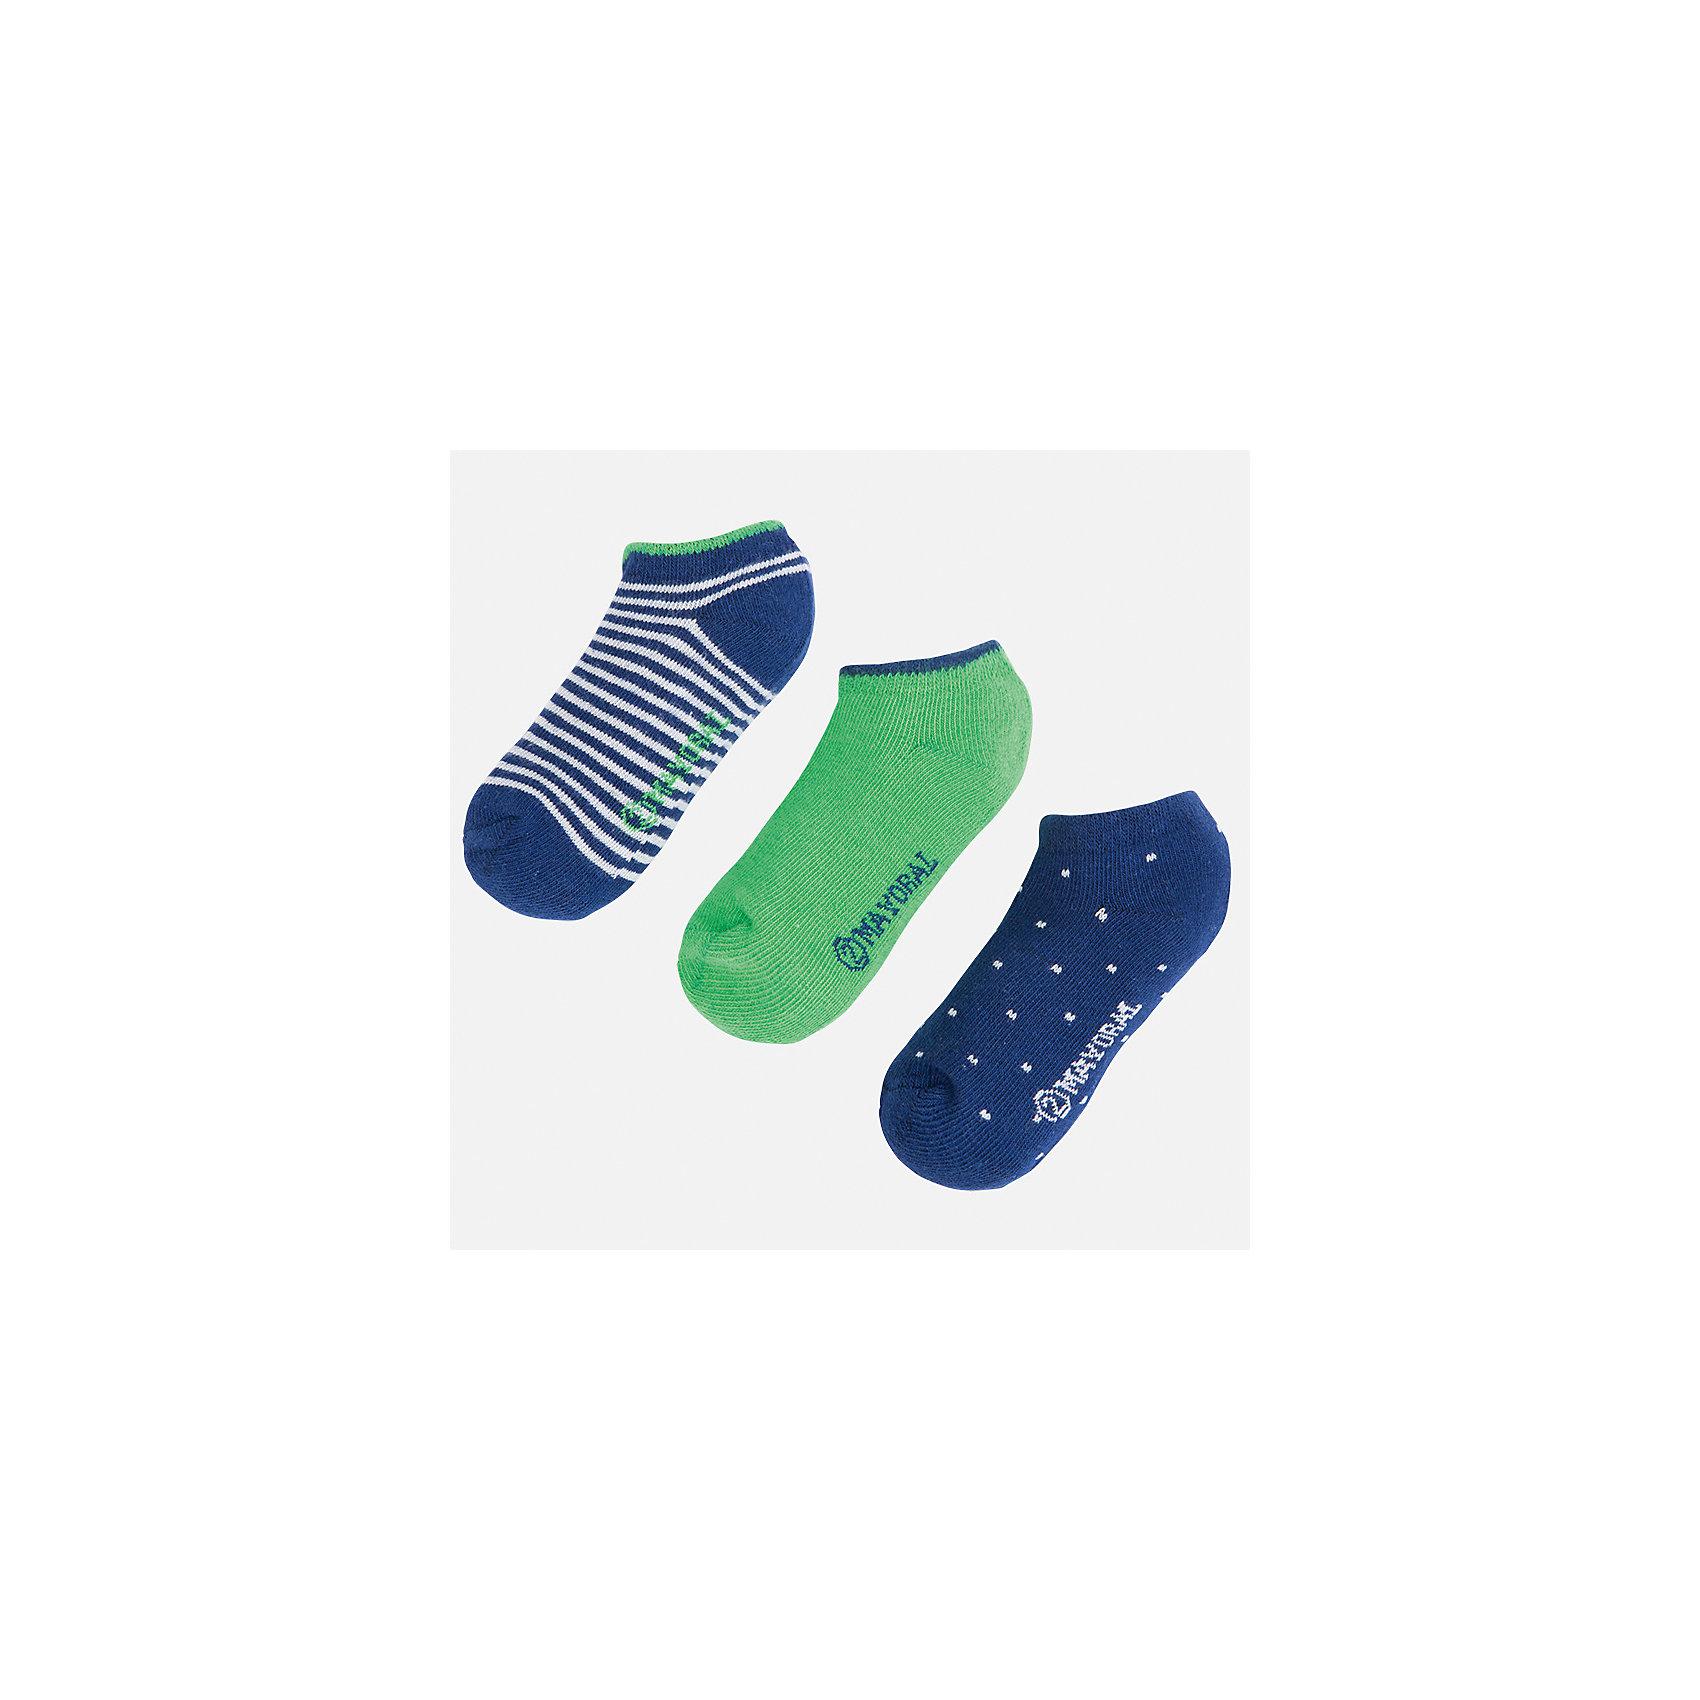 Носки (3 пары) для мальчика MayoralХарактеристики товара:<br><br>• цвет: синий/зеленый<br>• состав: 72% хлопок, 25% полиамид, 3% эластан<br>• комплектация: три пары<br>• мягкая резинка<br>• эластичный материал<br>• декорированы рисунком<br>• страна бренда: Испания<br><br>Удобные симпатичные носки для мальчика помогут обеспечить ребенку комфорт и дополнить наряд. Универсальный цвет позволяет надевать их под обувь разных расцветок. Носки удобно сидят на ноге и аккуратно смотрятся. Этот комплект - практичный и красивый! В составе материала - натуральный хлопок, гипоаллергенный, приятный на ощупь, дышащий. <br><br>Одежда, обувь и аксессуары от испанского бренда Mayoral полюбились детям и взрослым по всему миру. Модели этой марки - стильные и удобные. Для их производства используются только безопасные, качественные материалы и фурнитура. Порадуйте ребенка модными и красивыми вещами от Mayoral! <br><br>Носки (3 пары) для мальчика от испанского бренда Mayoral (Майорал) можно купить в нашем интернет-магазине.<br><br>Ширина мм: 87<br>Глубина мм: 10<br>Высота мм: 105<br>Вес г: 115<br>Цвет: зеленый<br>Возраст от месяцев: 48<br>Возраст до месяцев: 72<br>Пол: Мужской<br>Возраст: Детский<br>Размер: 6,2,4,8<br>SKU: 5294362